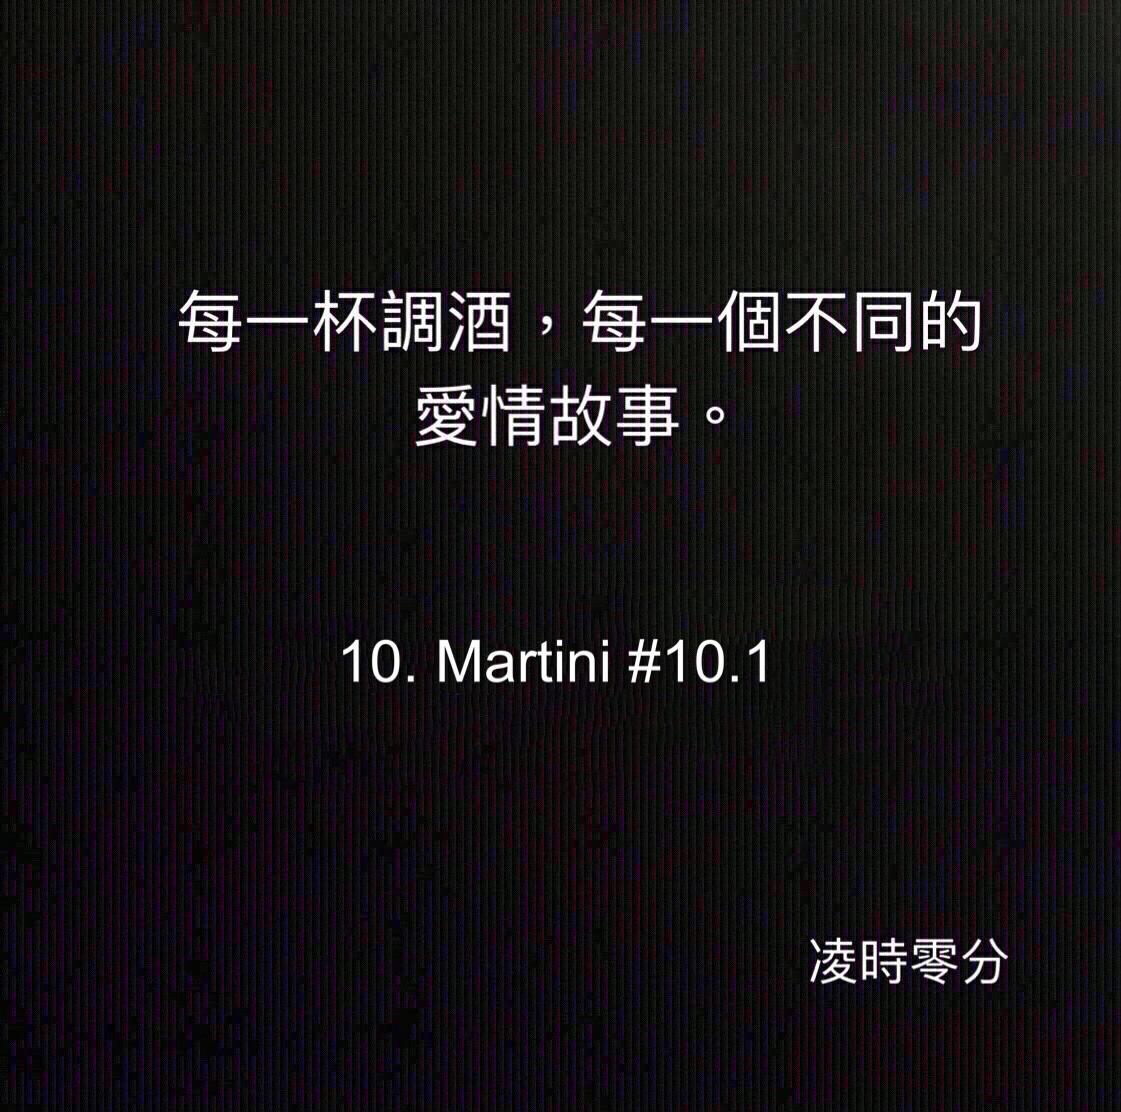 (短篇故事)每一杯調酒,每一個不同的愛情故事。10 Martini #10.1